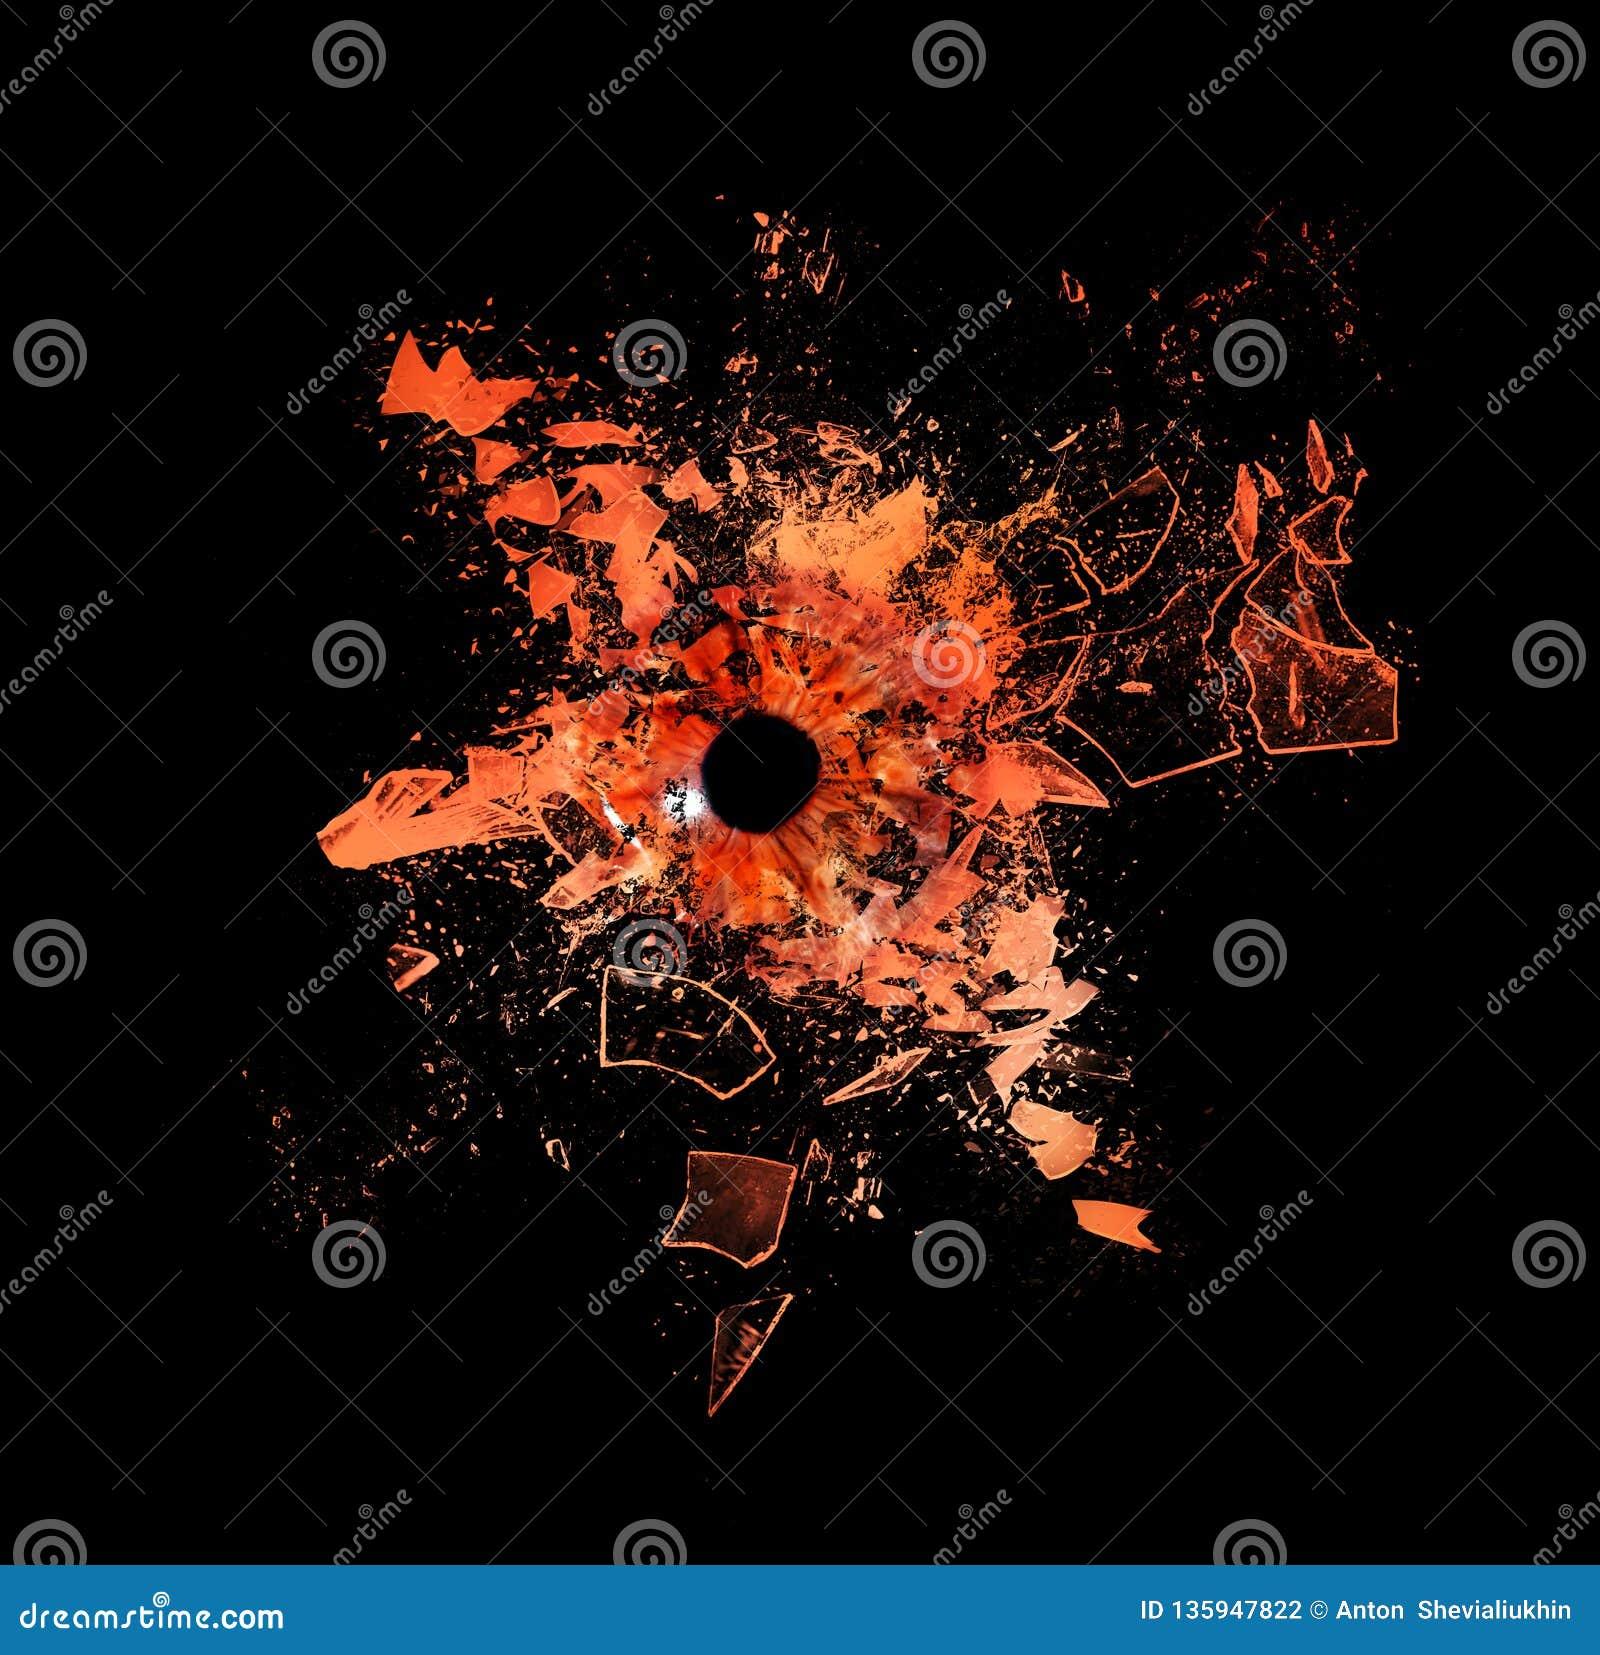 Foto creativa conceptual de una macro del primer del ojo humano que se rompe en los pequeños pedazos de vidrio aislados en un fon